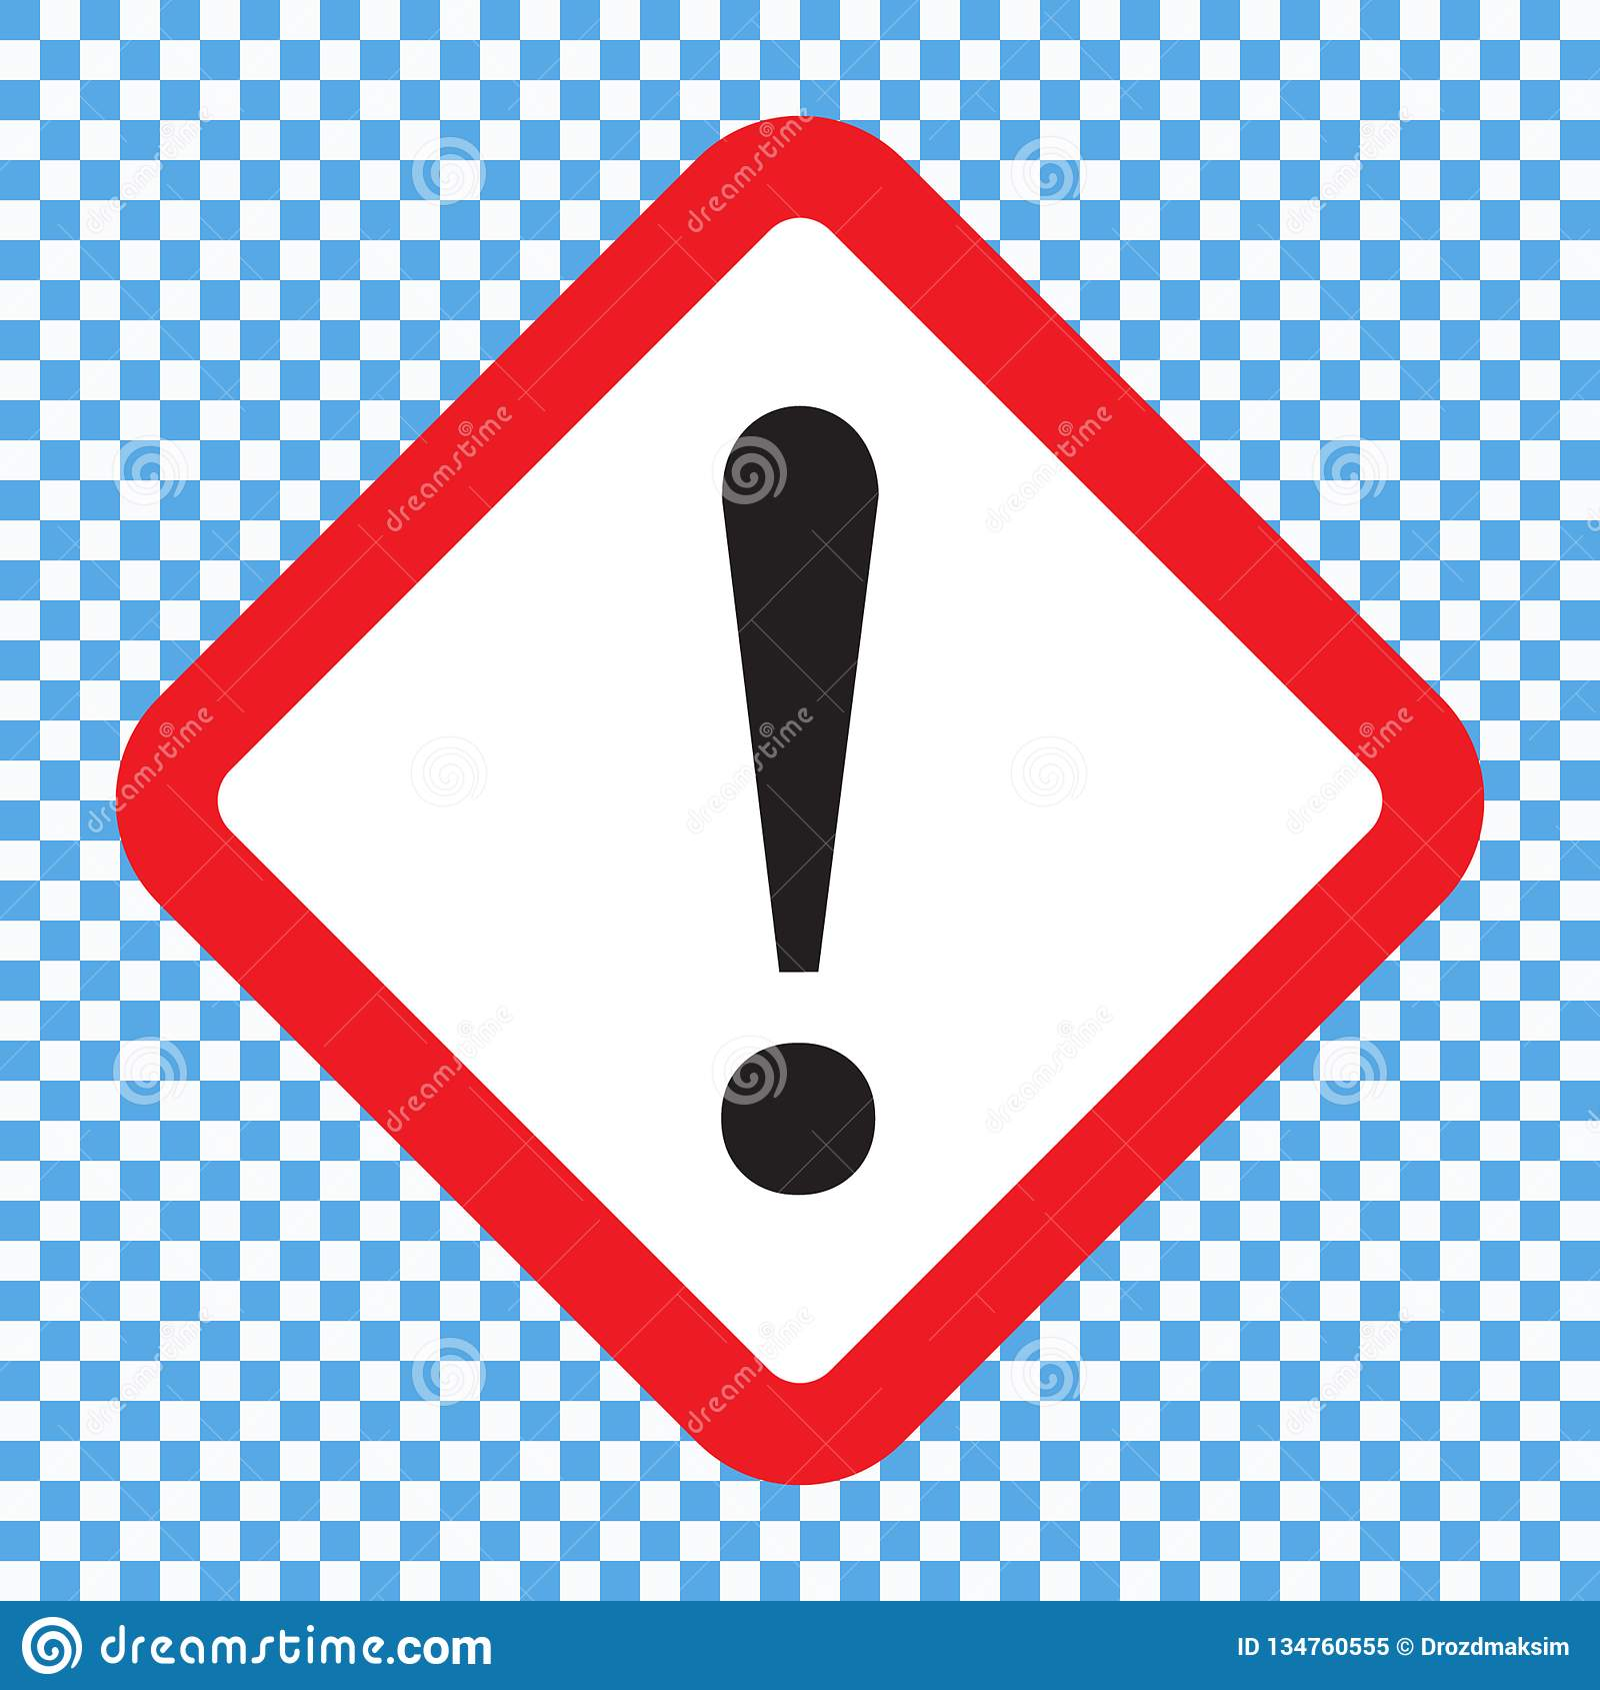 Восклицательный знак, символ квадратной опасности предупреждающий, значок вектора